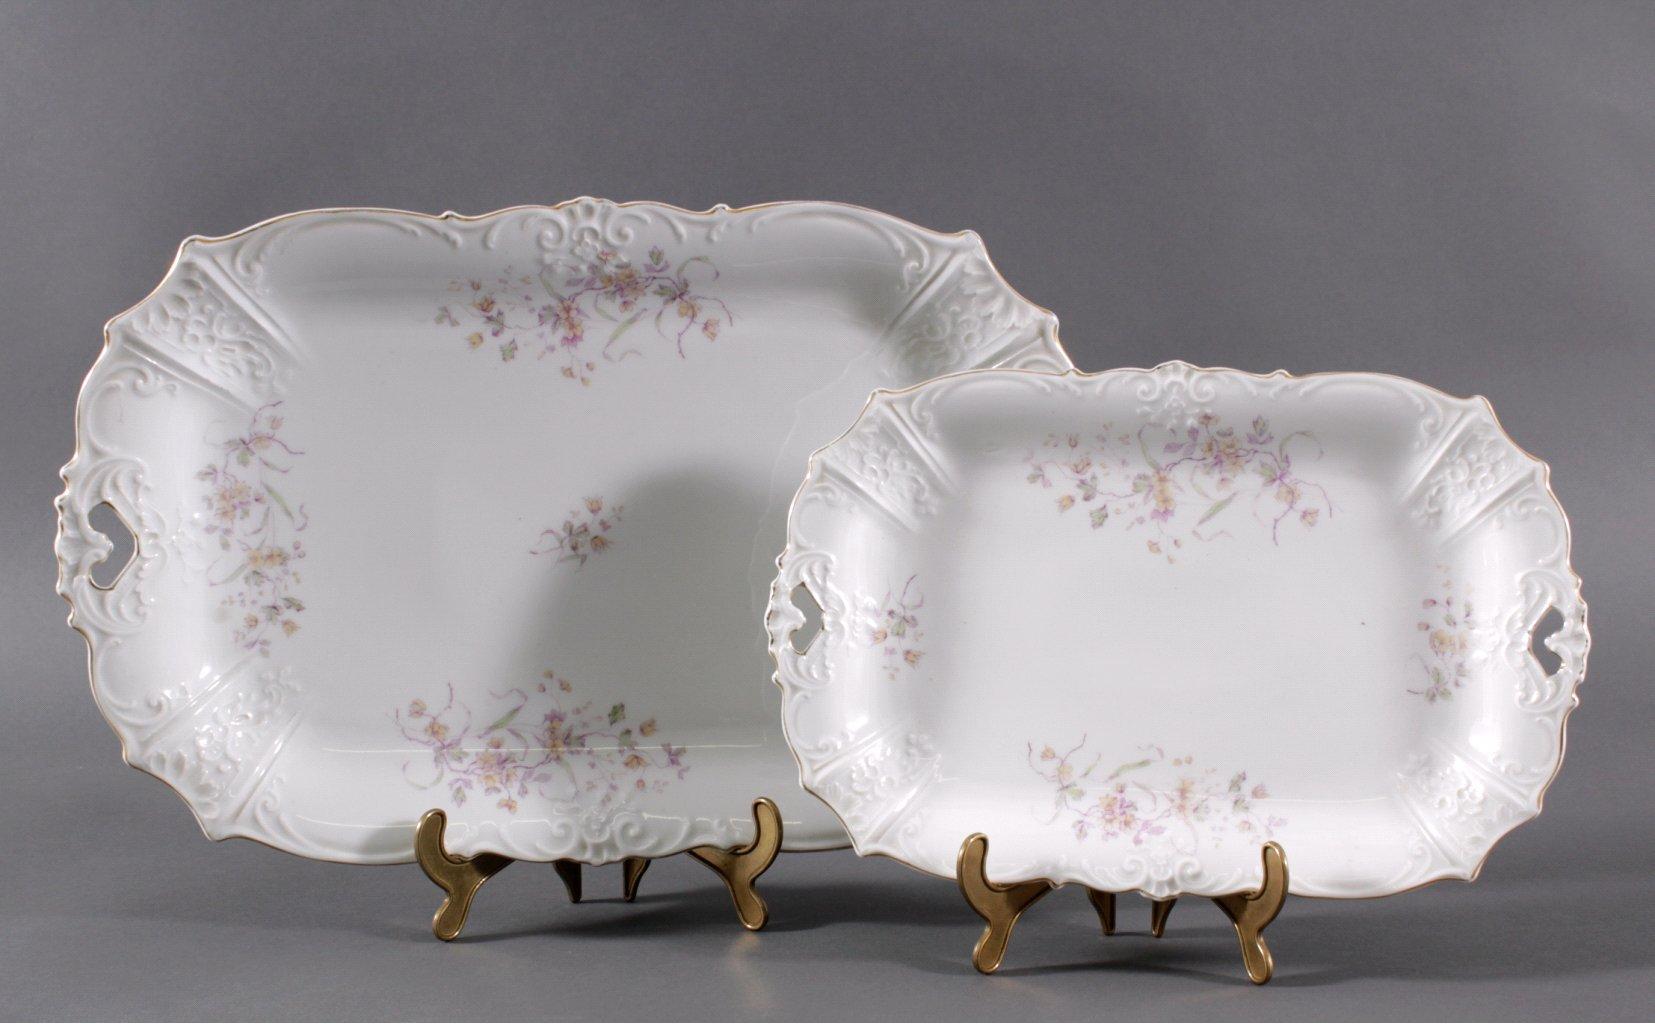 2 Porzellanplatten. Hermann Ohme Porzellanmanufaktur